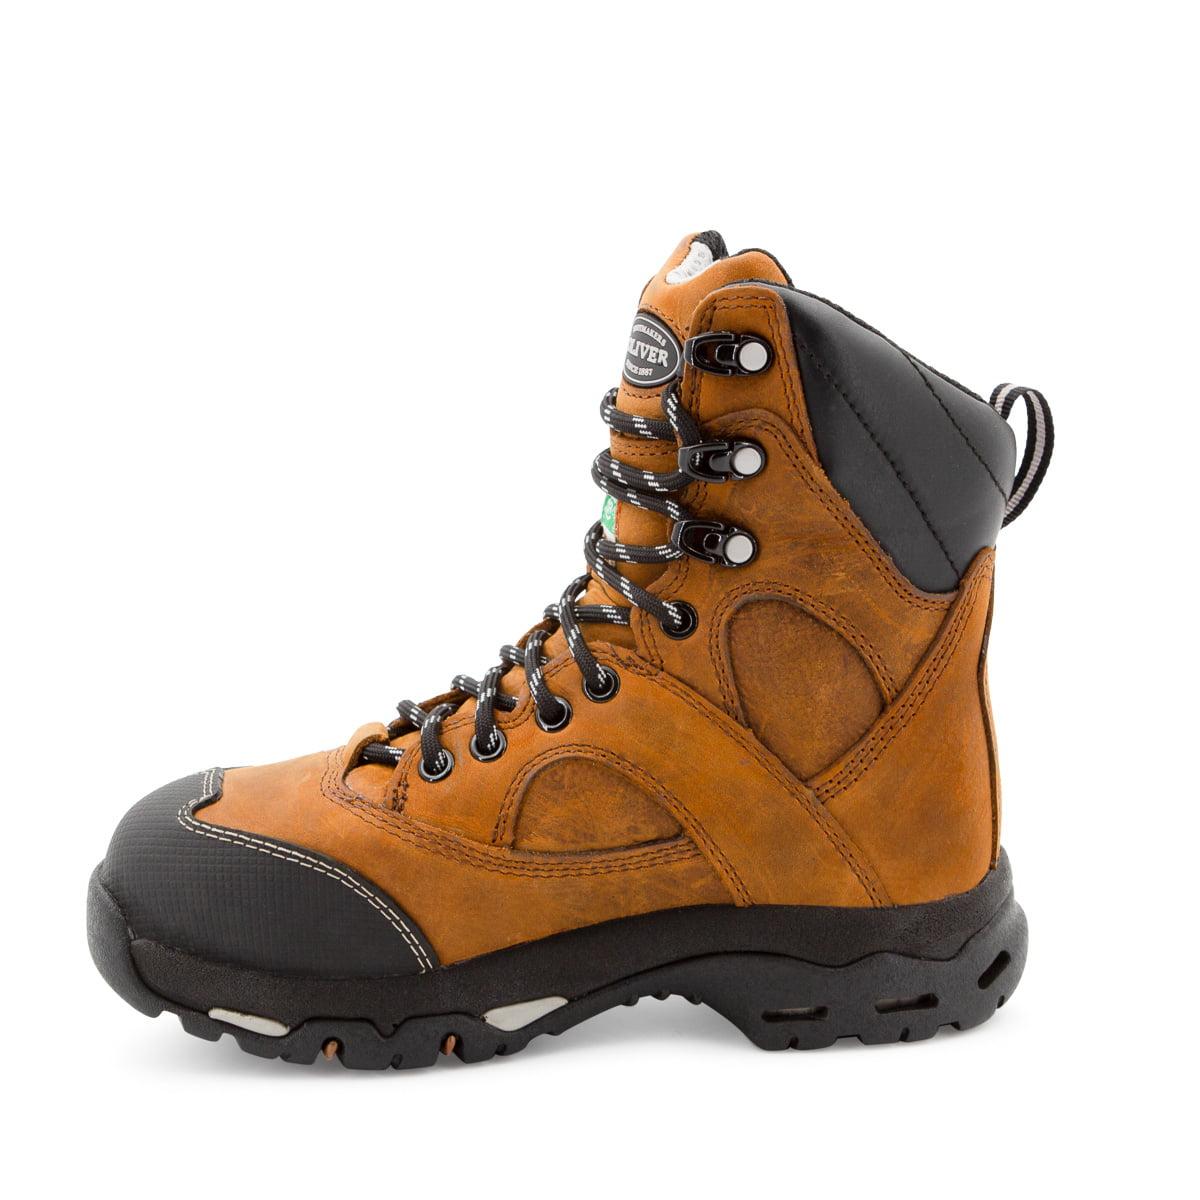 Women Steel Toe Work Boots Leather